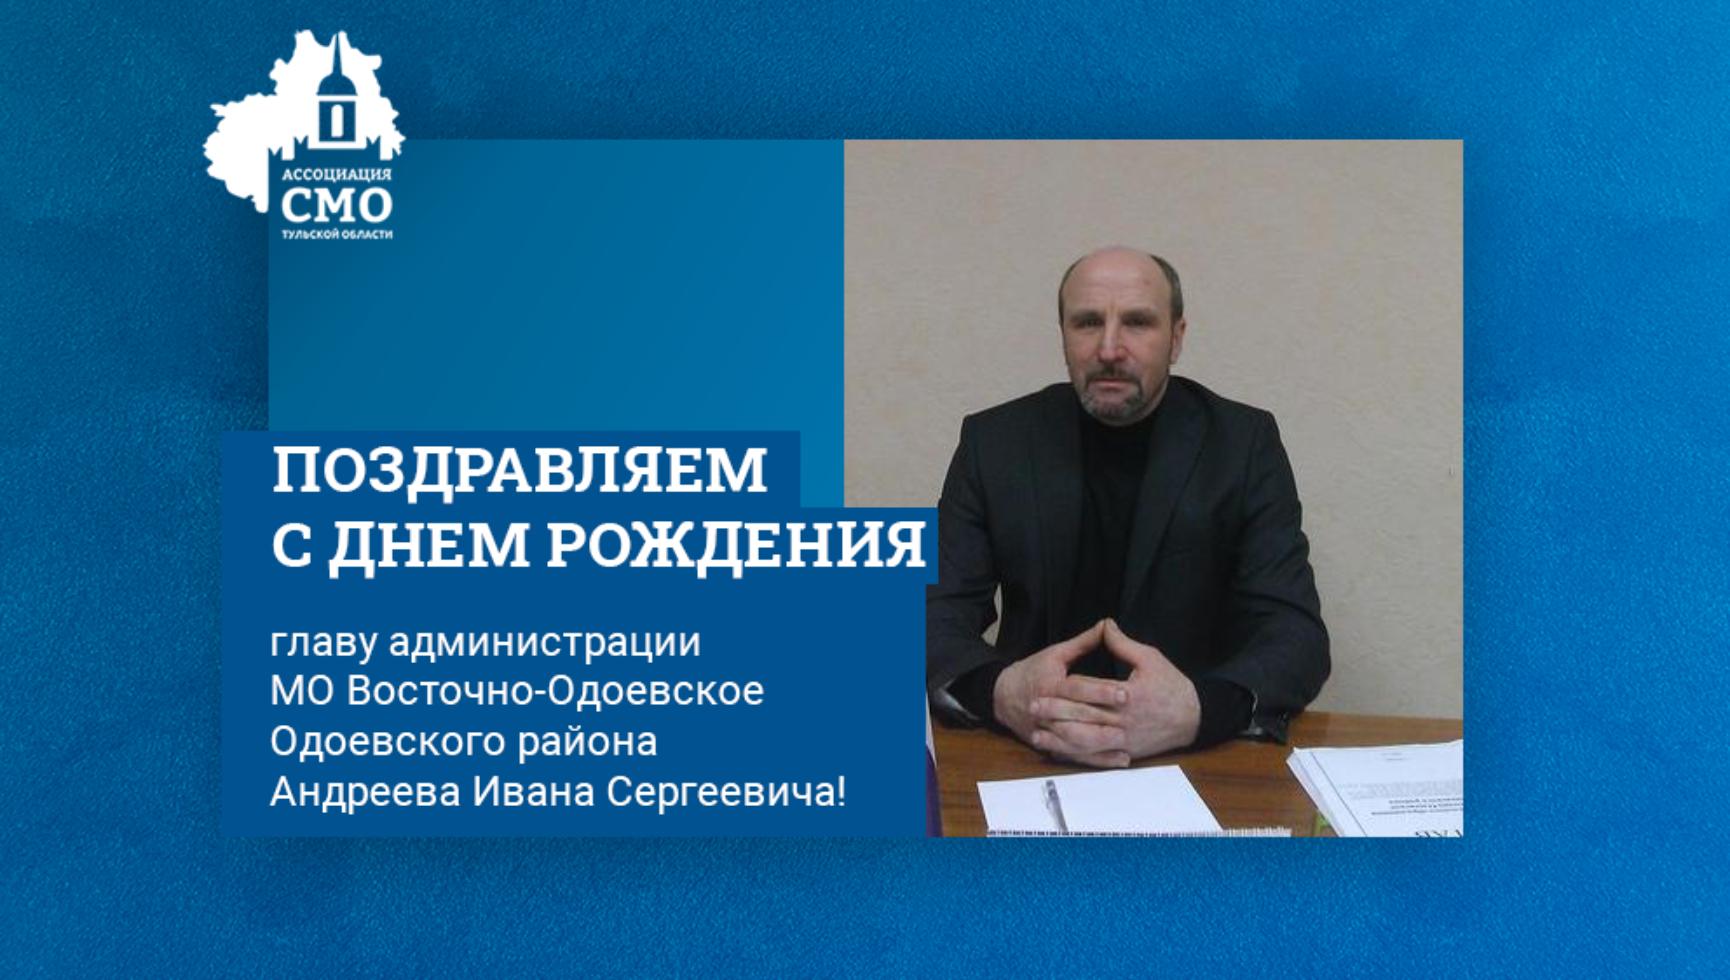 Поздравляем с Днем рождения главу администрации МО Восточно-Одоевское Одоевского района Андреева Ивана Сергеевича!